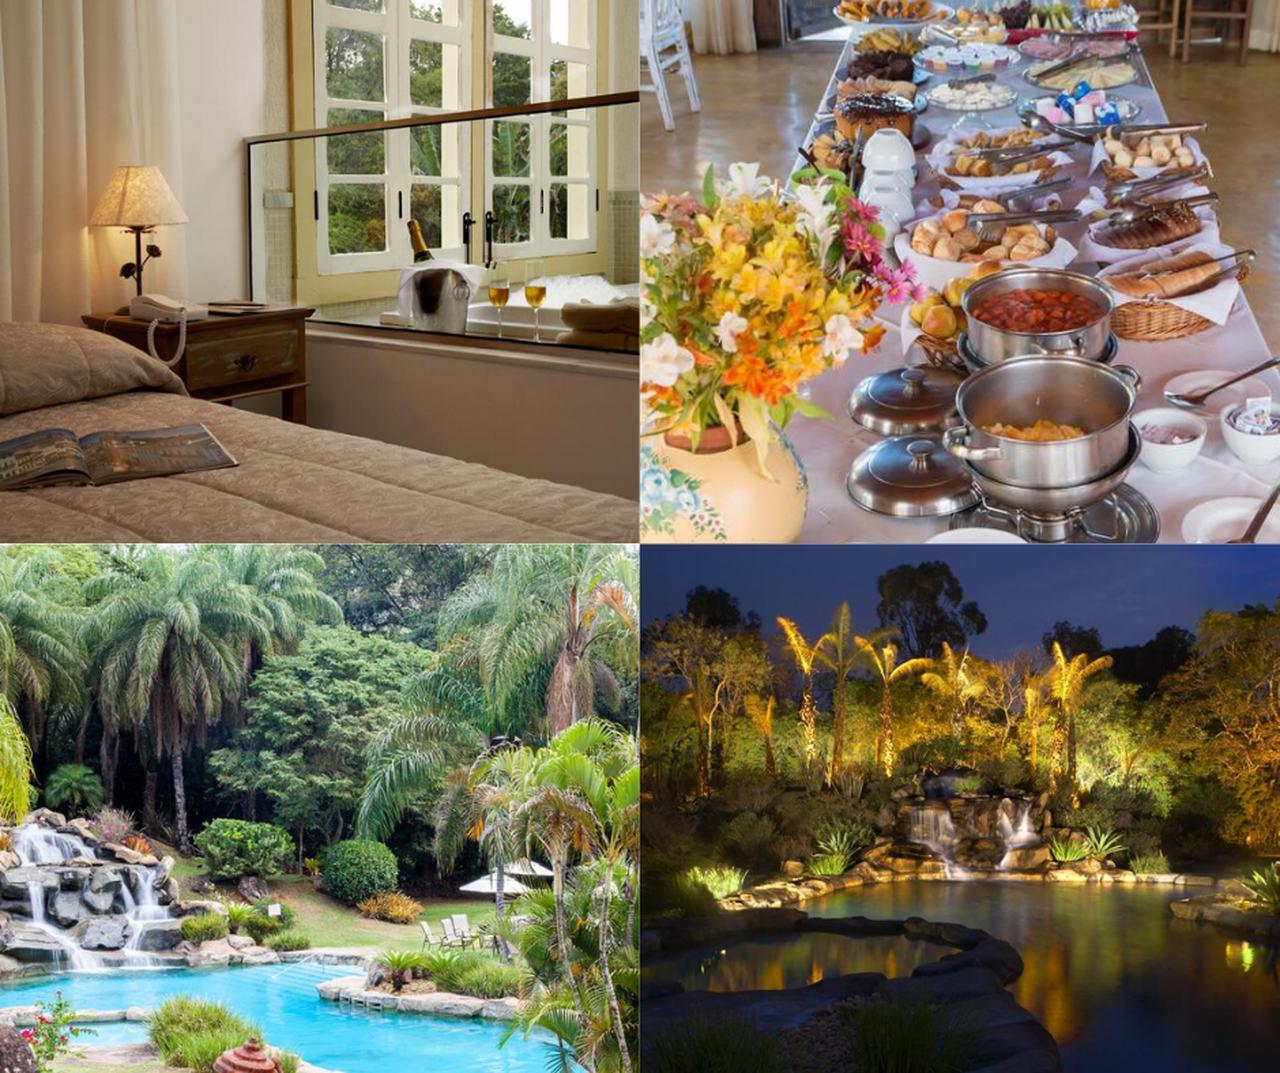 Ville Real Hotel em  Santo Antônio do Leite – Hospedagem de clima romântico perto de Belo Horizonte